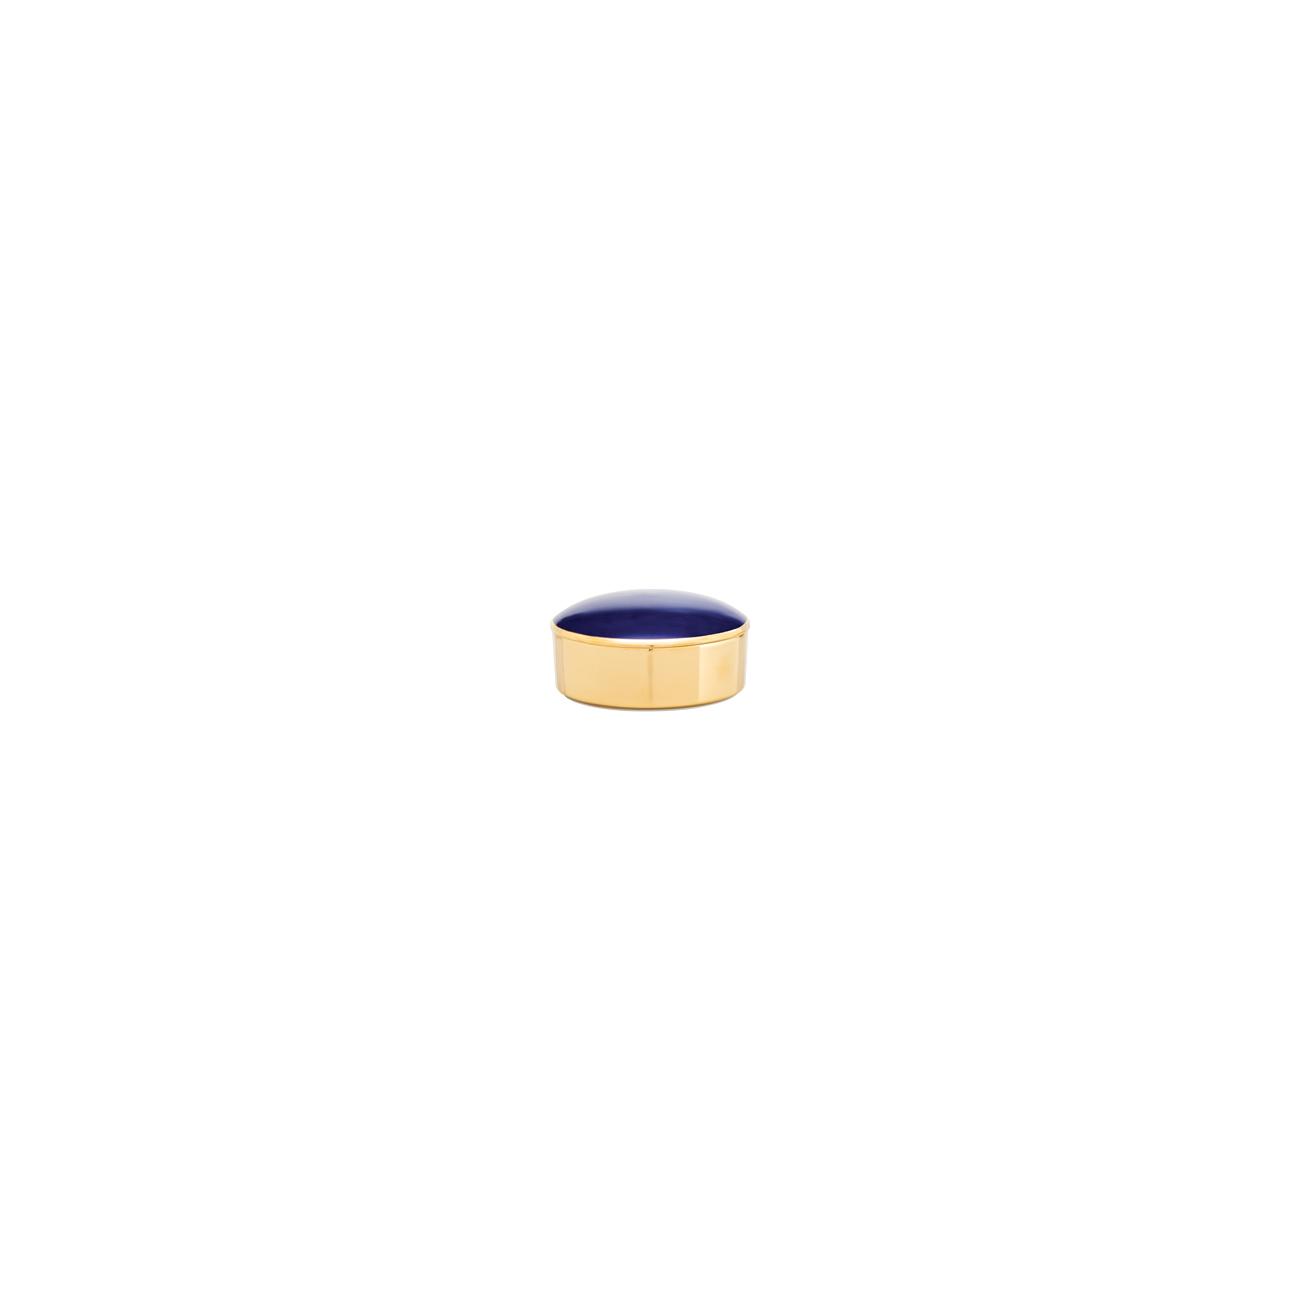 Caixa Redonda 5,5cm Libra 0